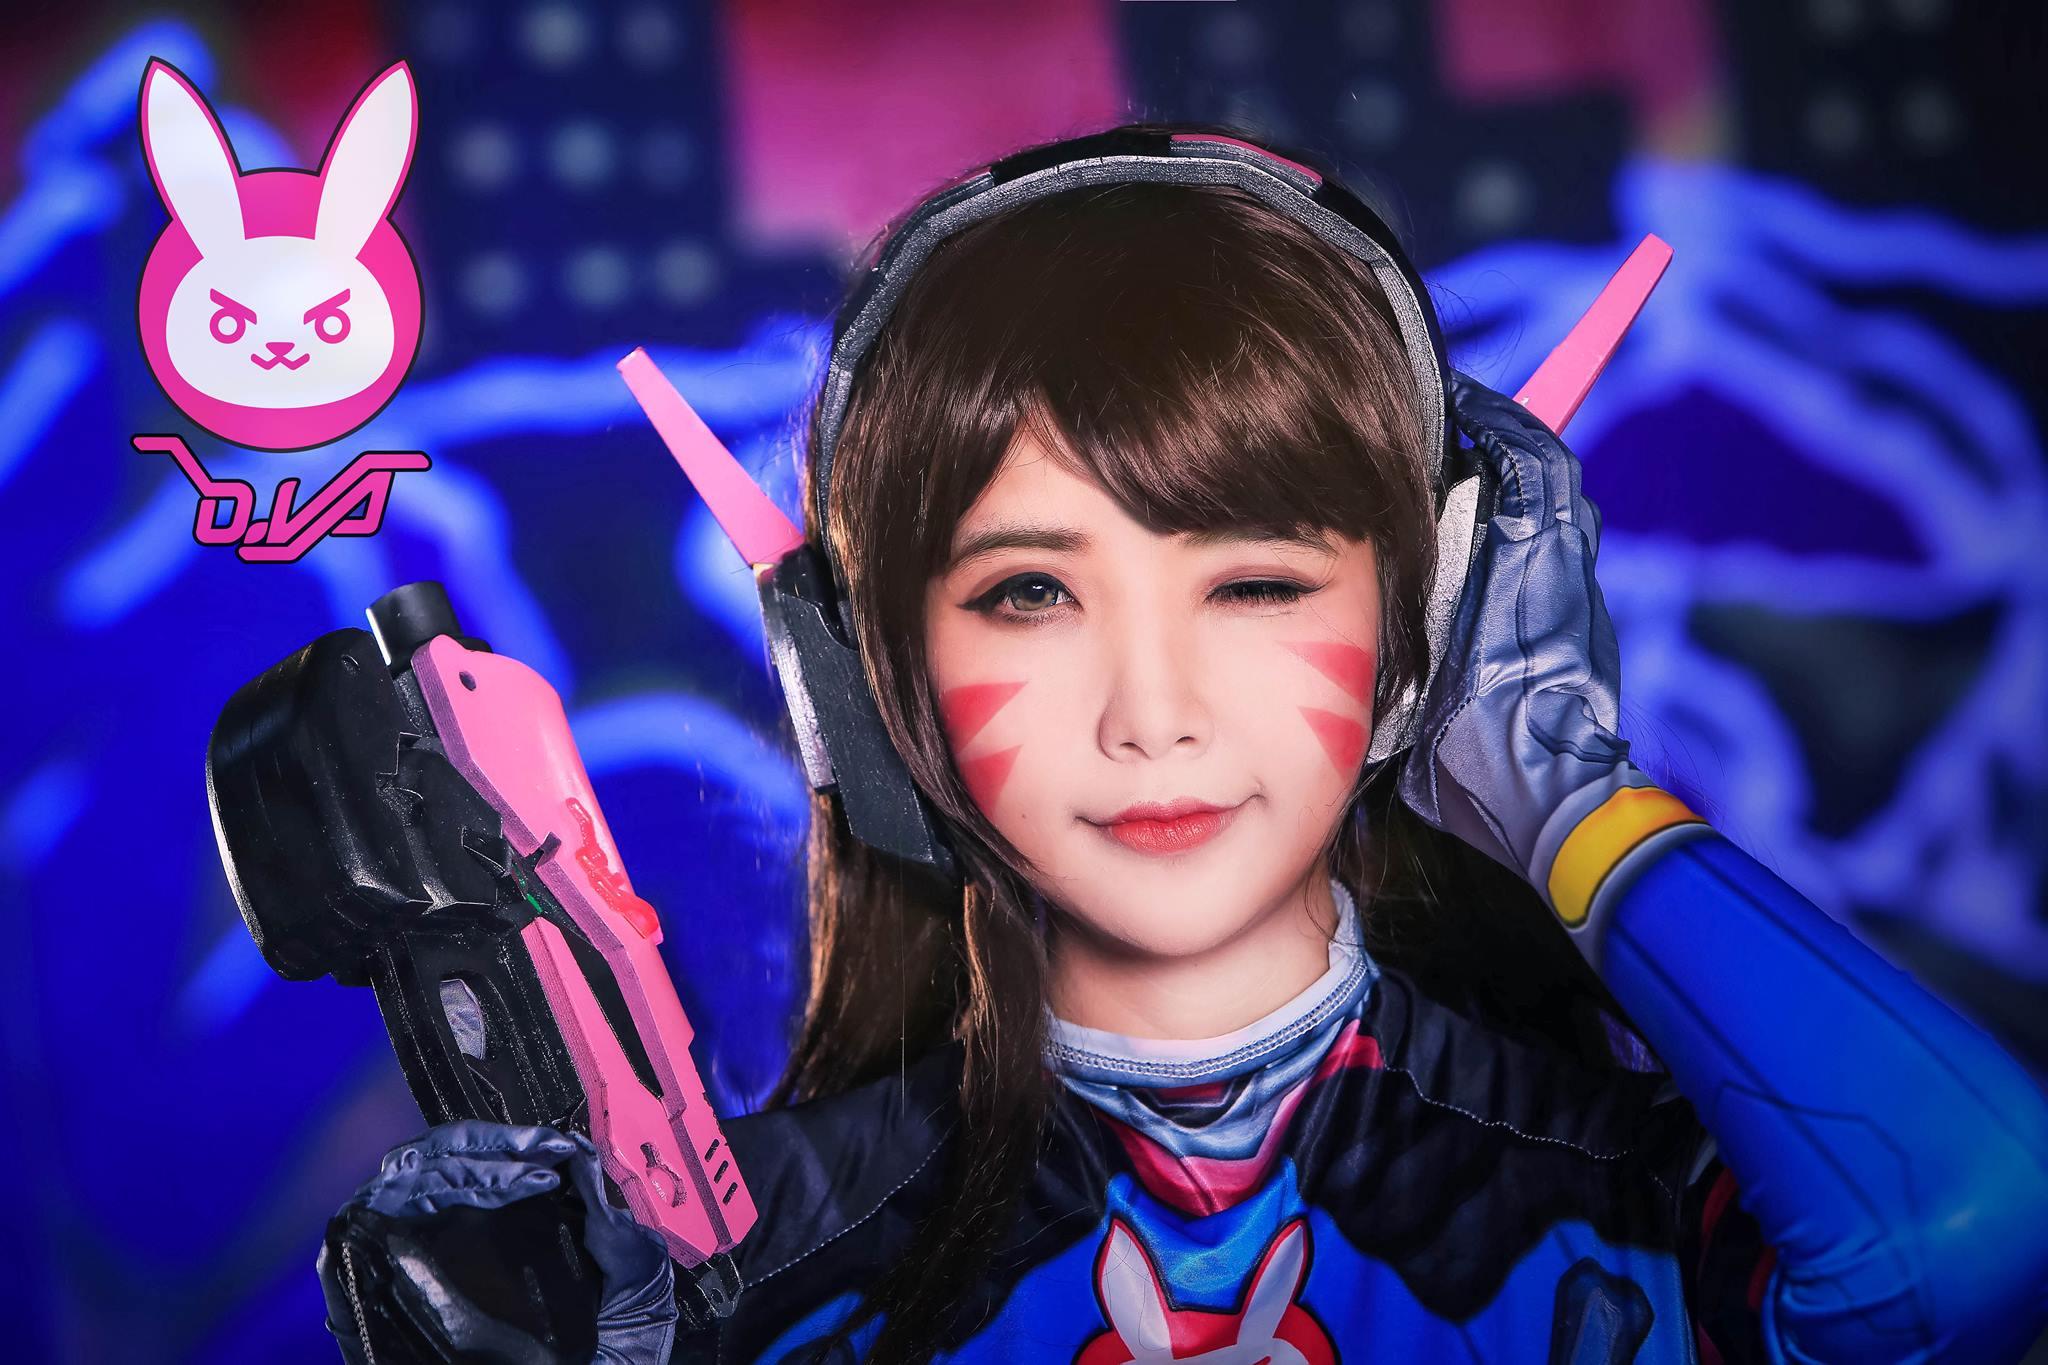 D.Va cosplay by Hana Dinh - 07